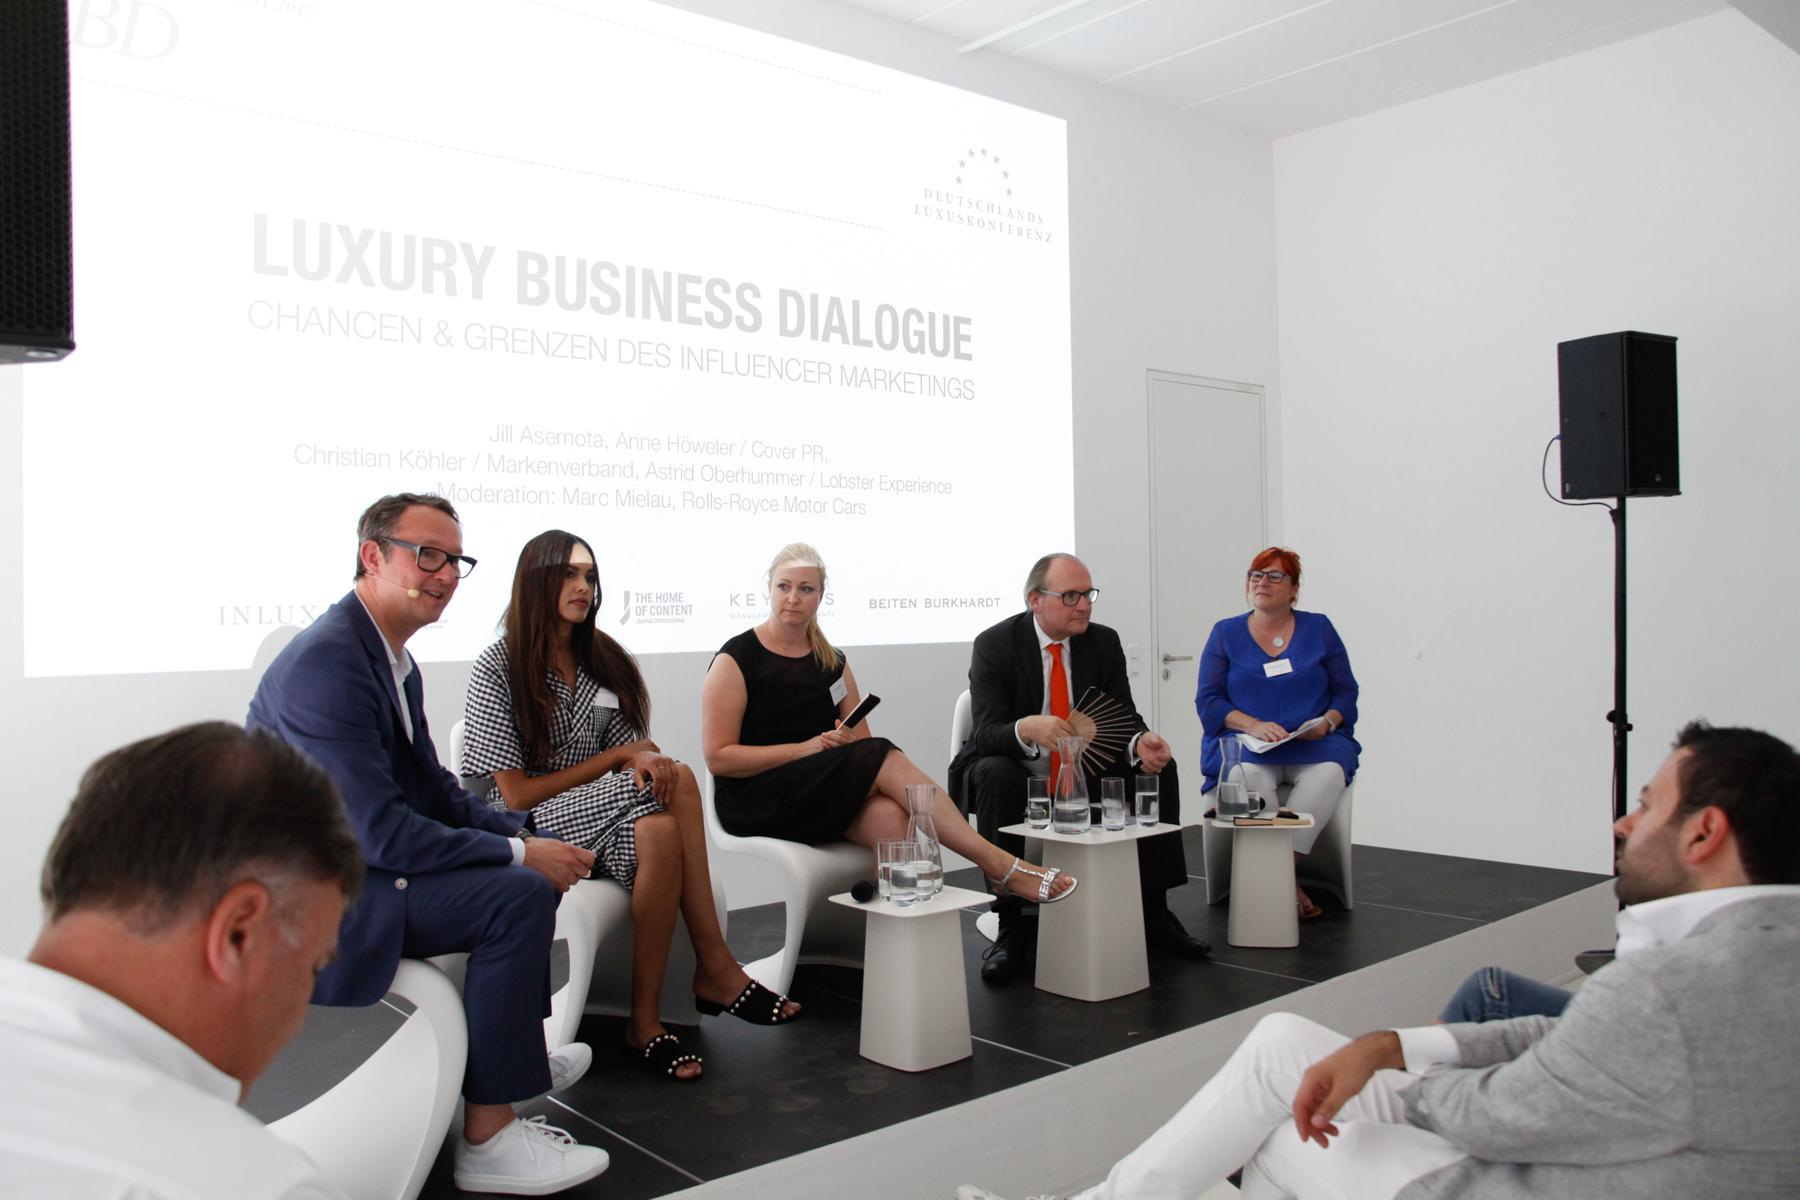 Luxury Business Day – Deutschlands Luxuskonferenz